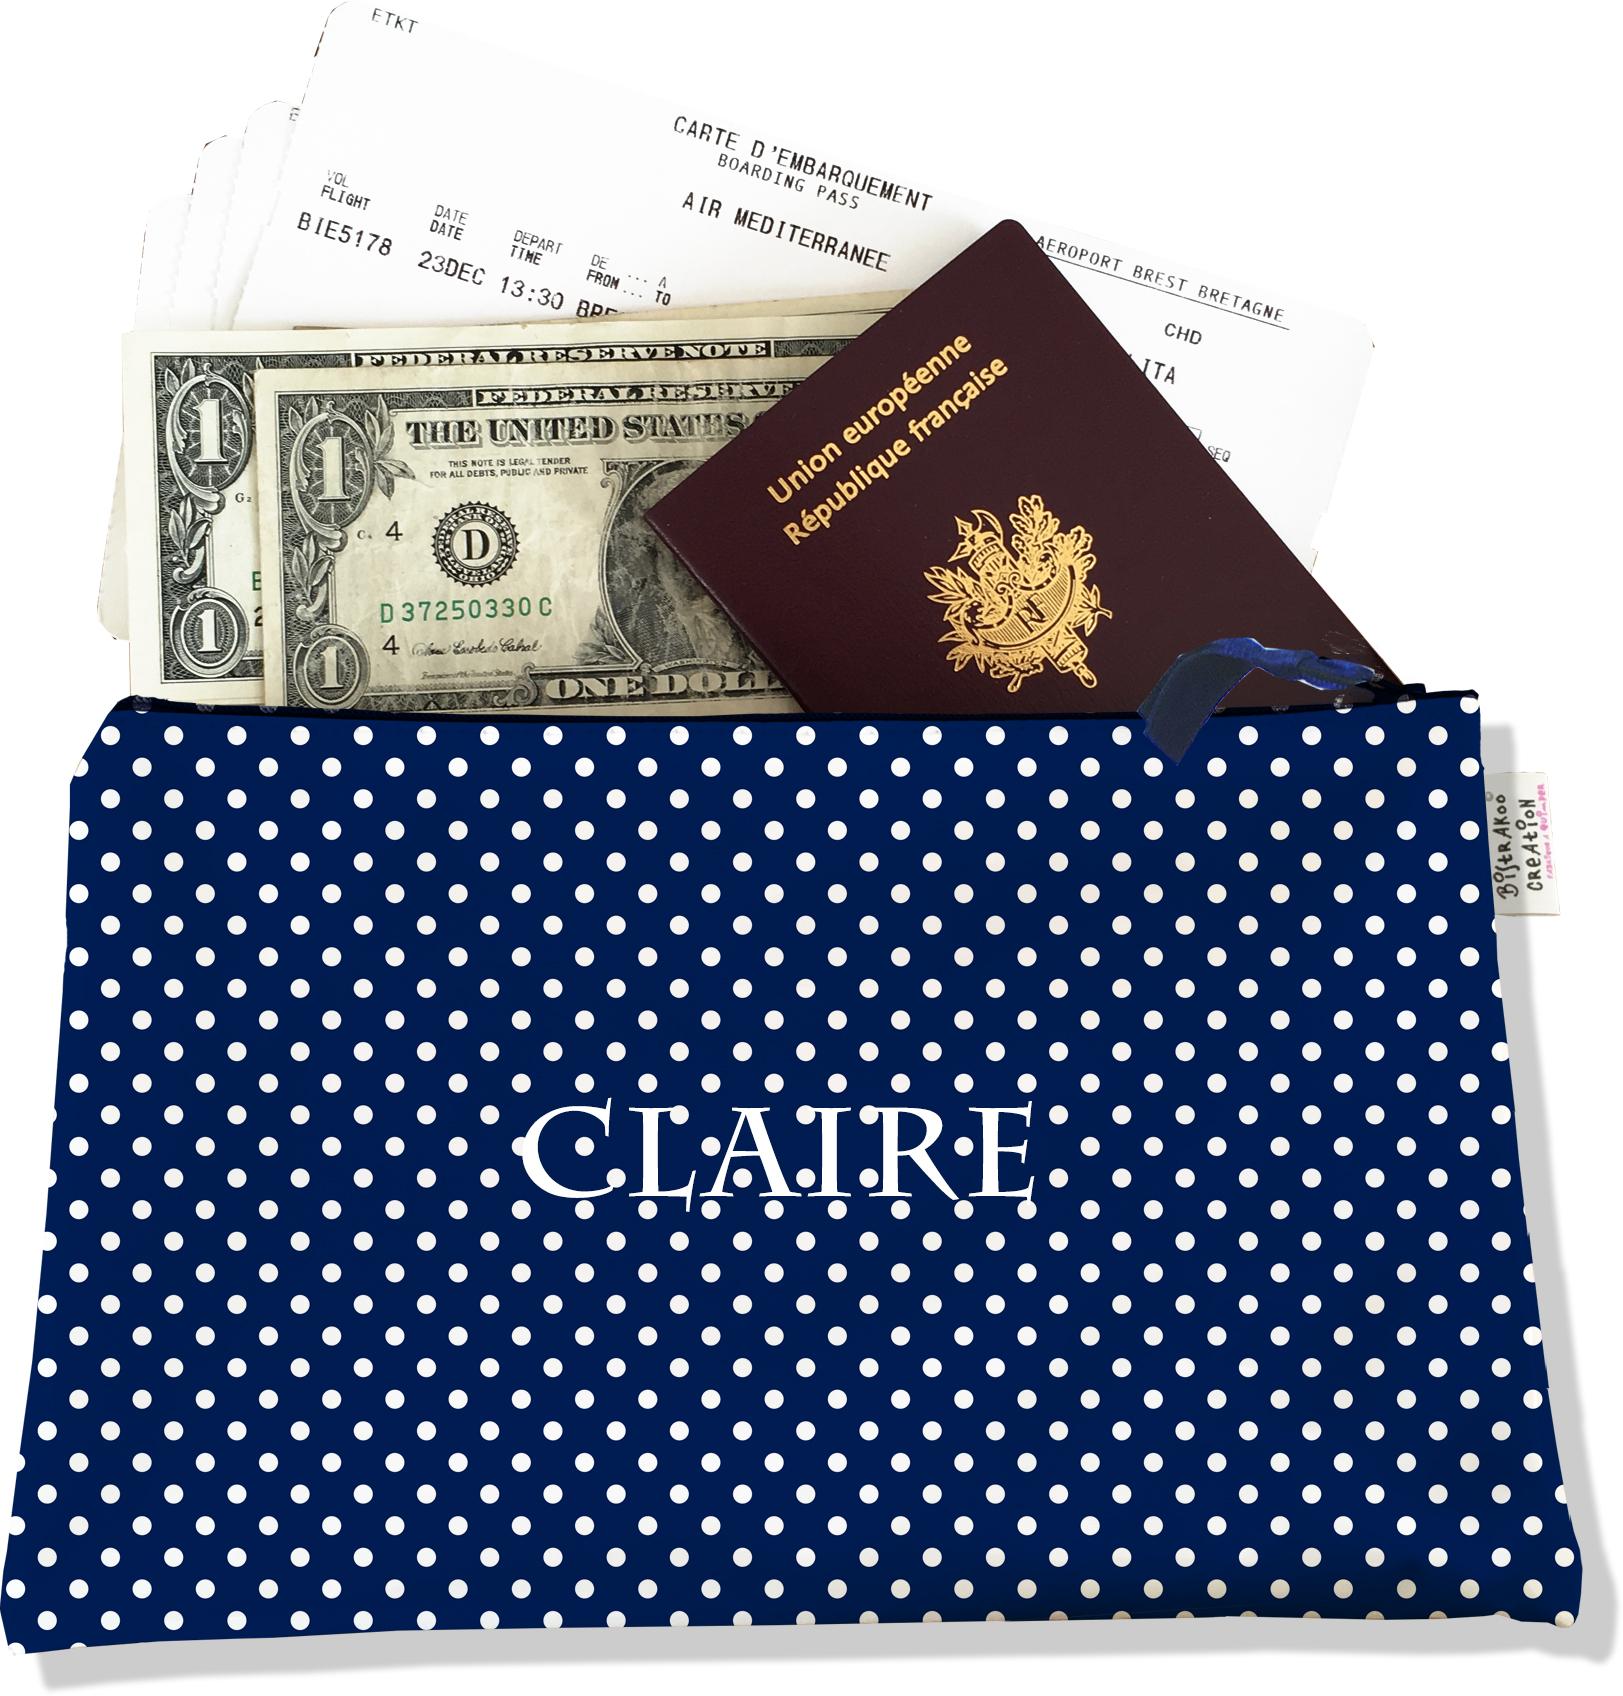 Pochette voyage personnalisable, porte documents pour femme motif pois blancs fond bleu marine P2064-2015